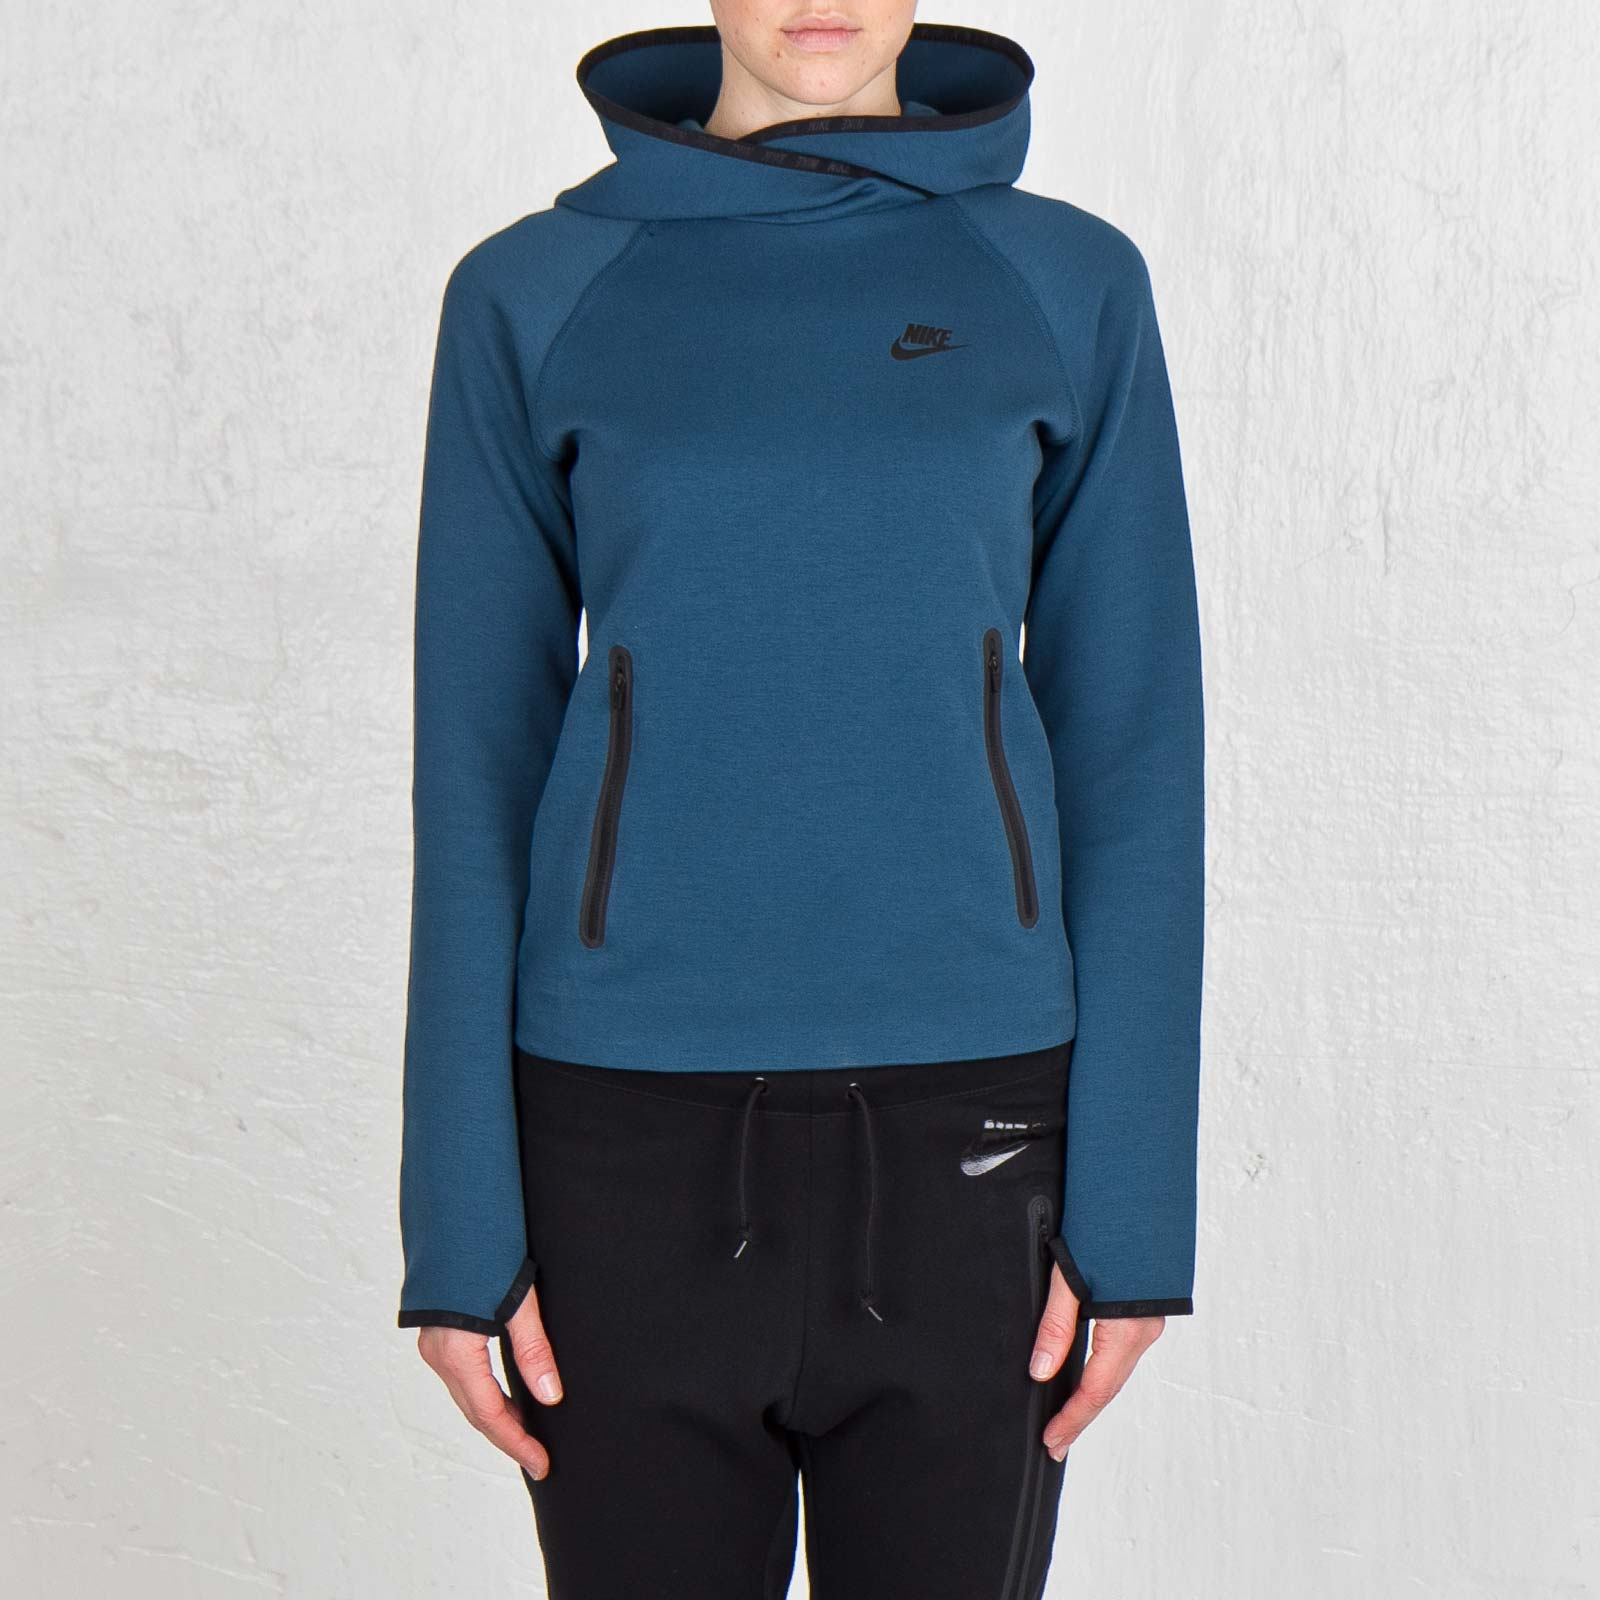 f4b0fe0fb7a4 Nike Tech Fleece Funnel - 617186-483 - Sneakersnstuff